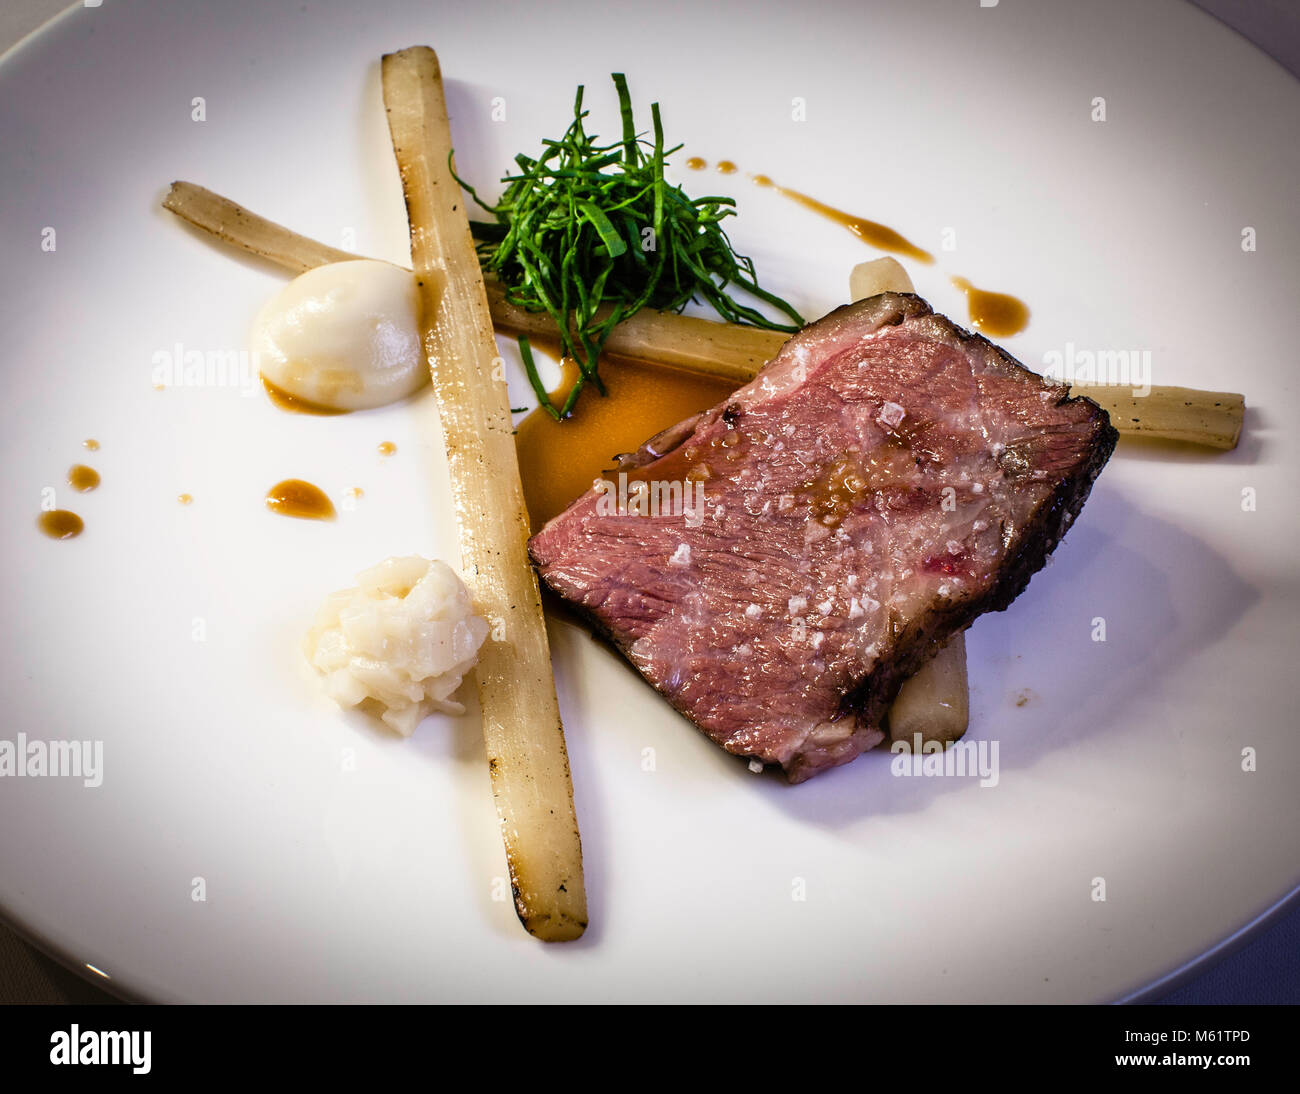 Poitrine de bœuf grillée avec salsifis et racine de tournesol par Michelin Chef vedette Marco Müller Banque D'Images